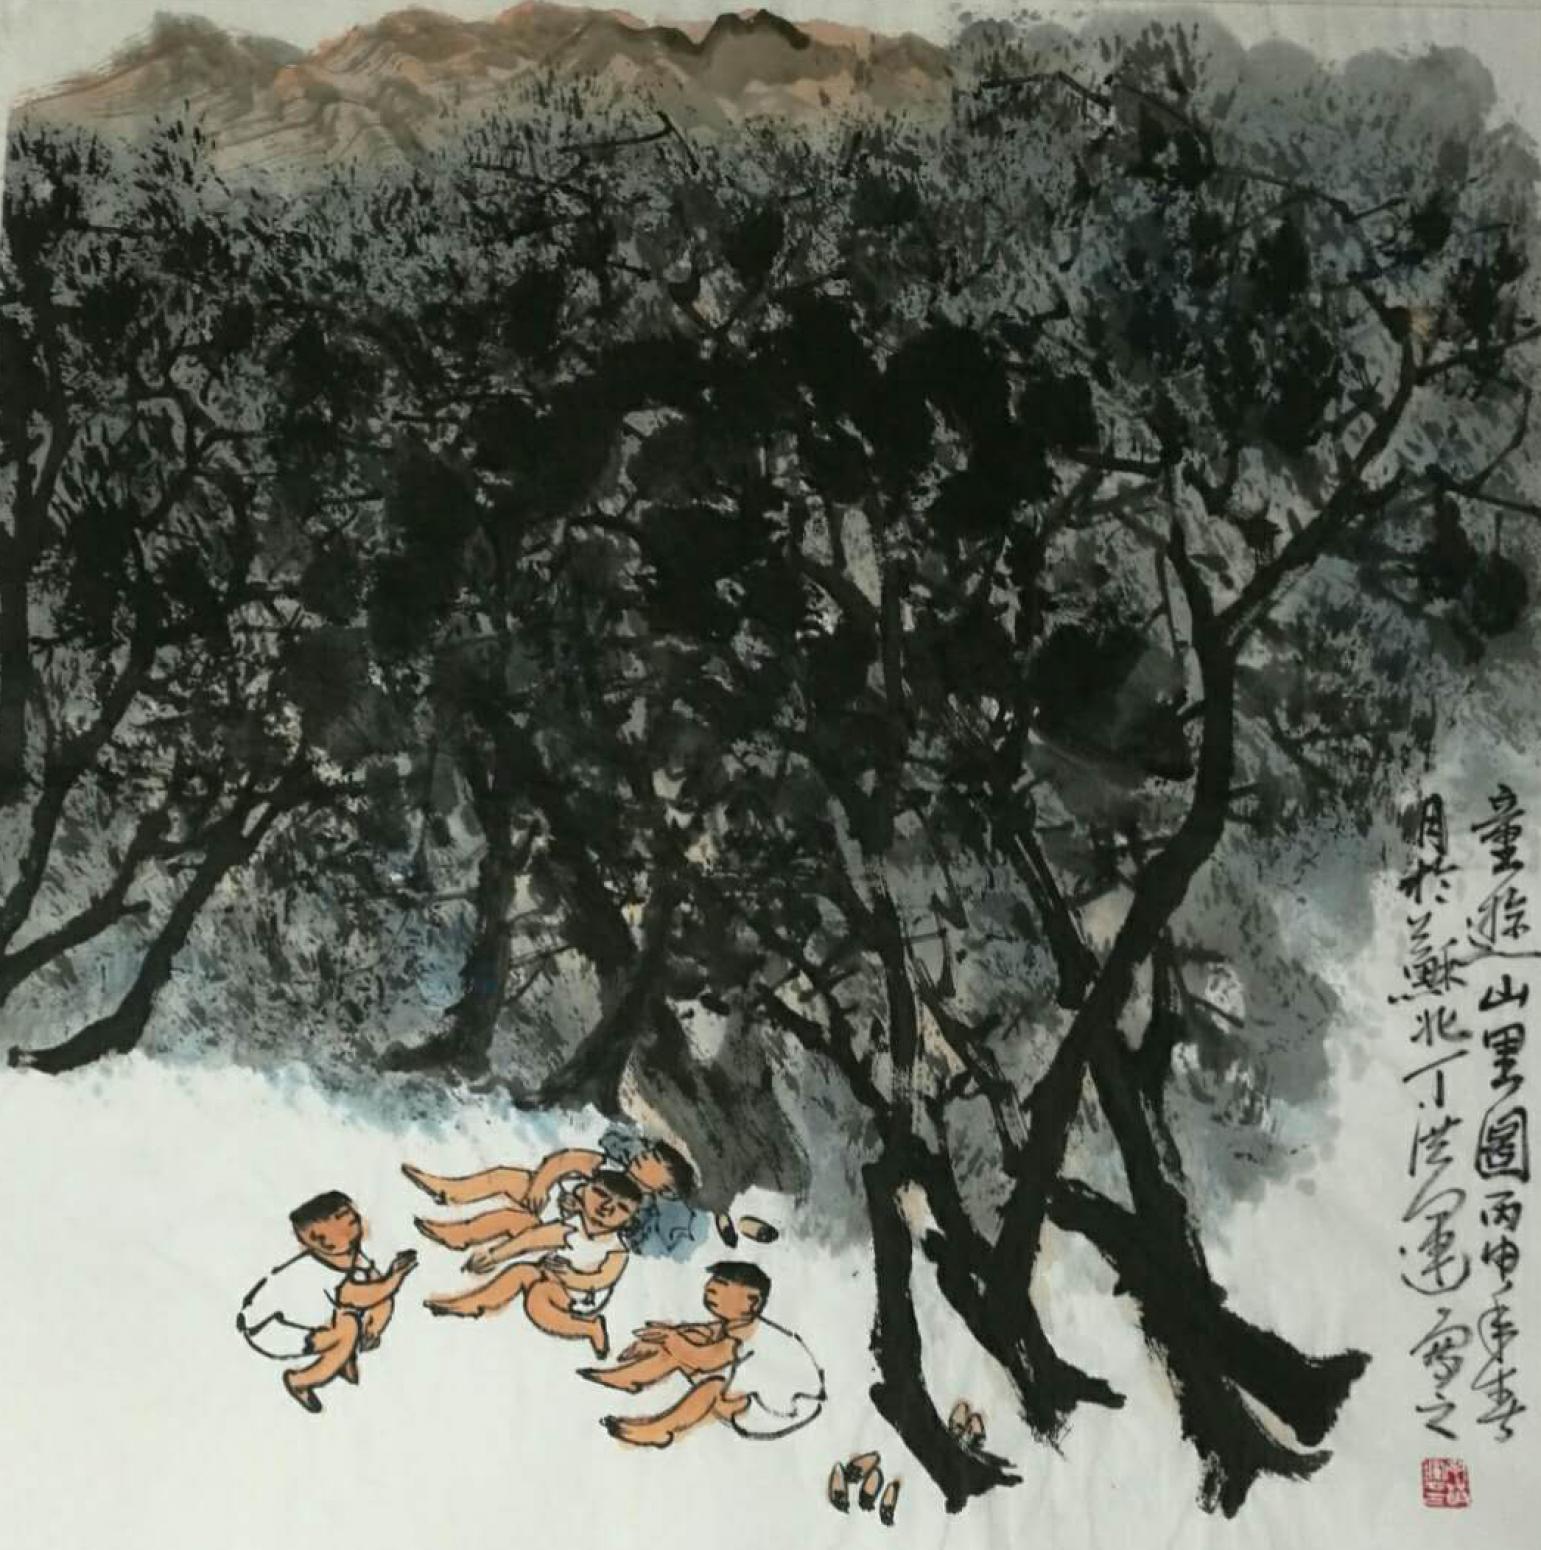 丁洪运国画作品《【童趣山里】作者丁洪运》